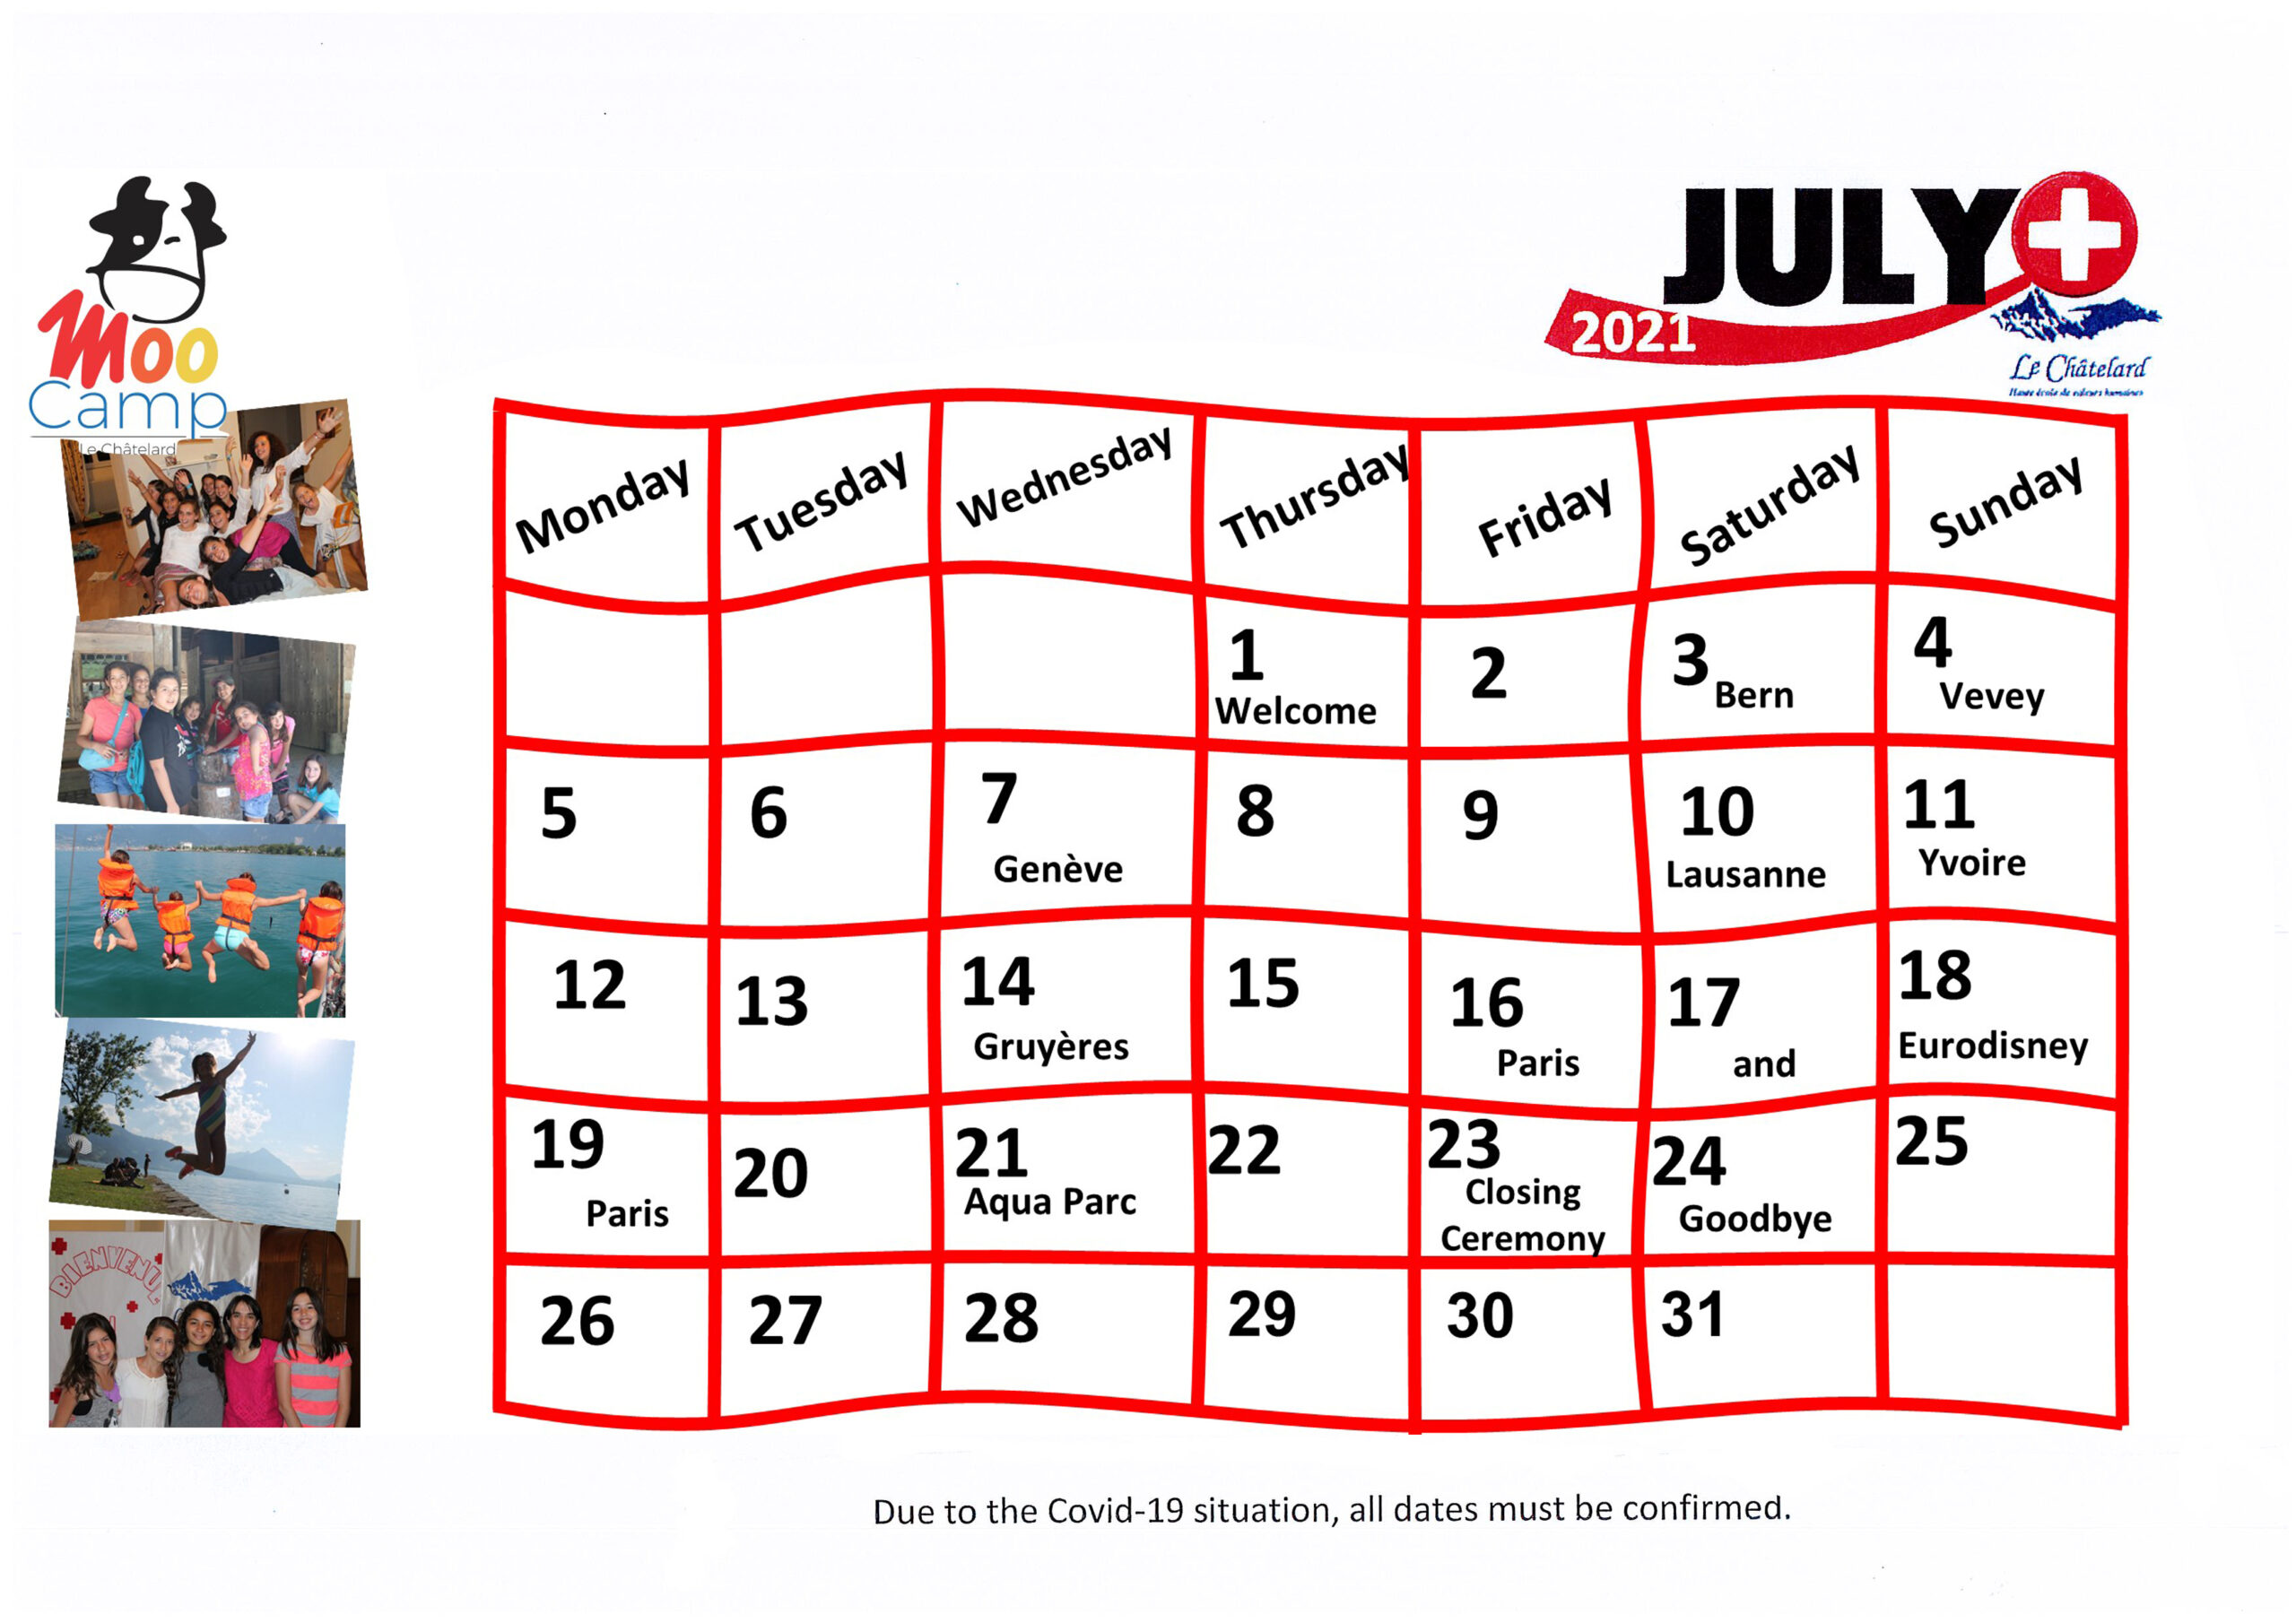 Calendario Moo Camp 2021